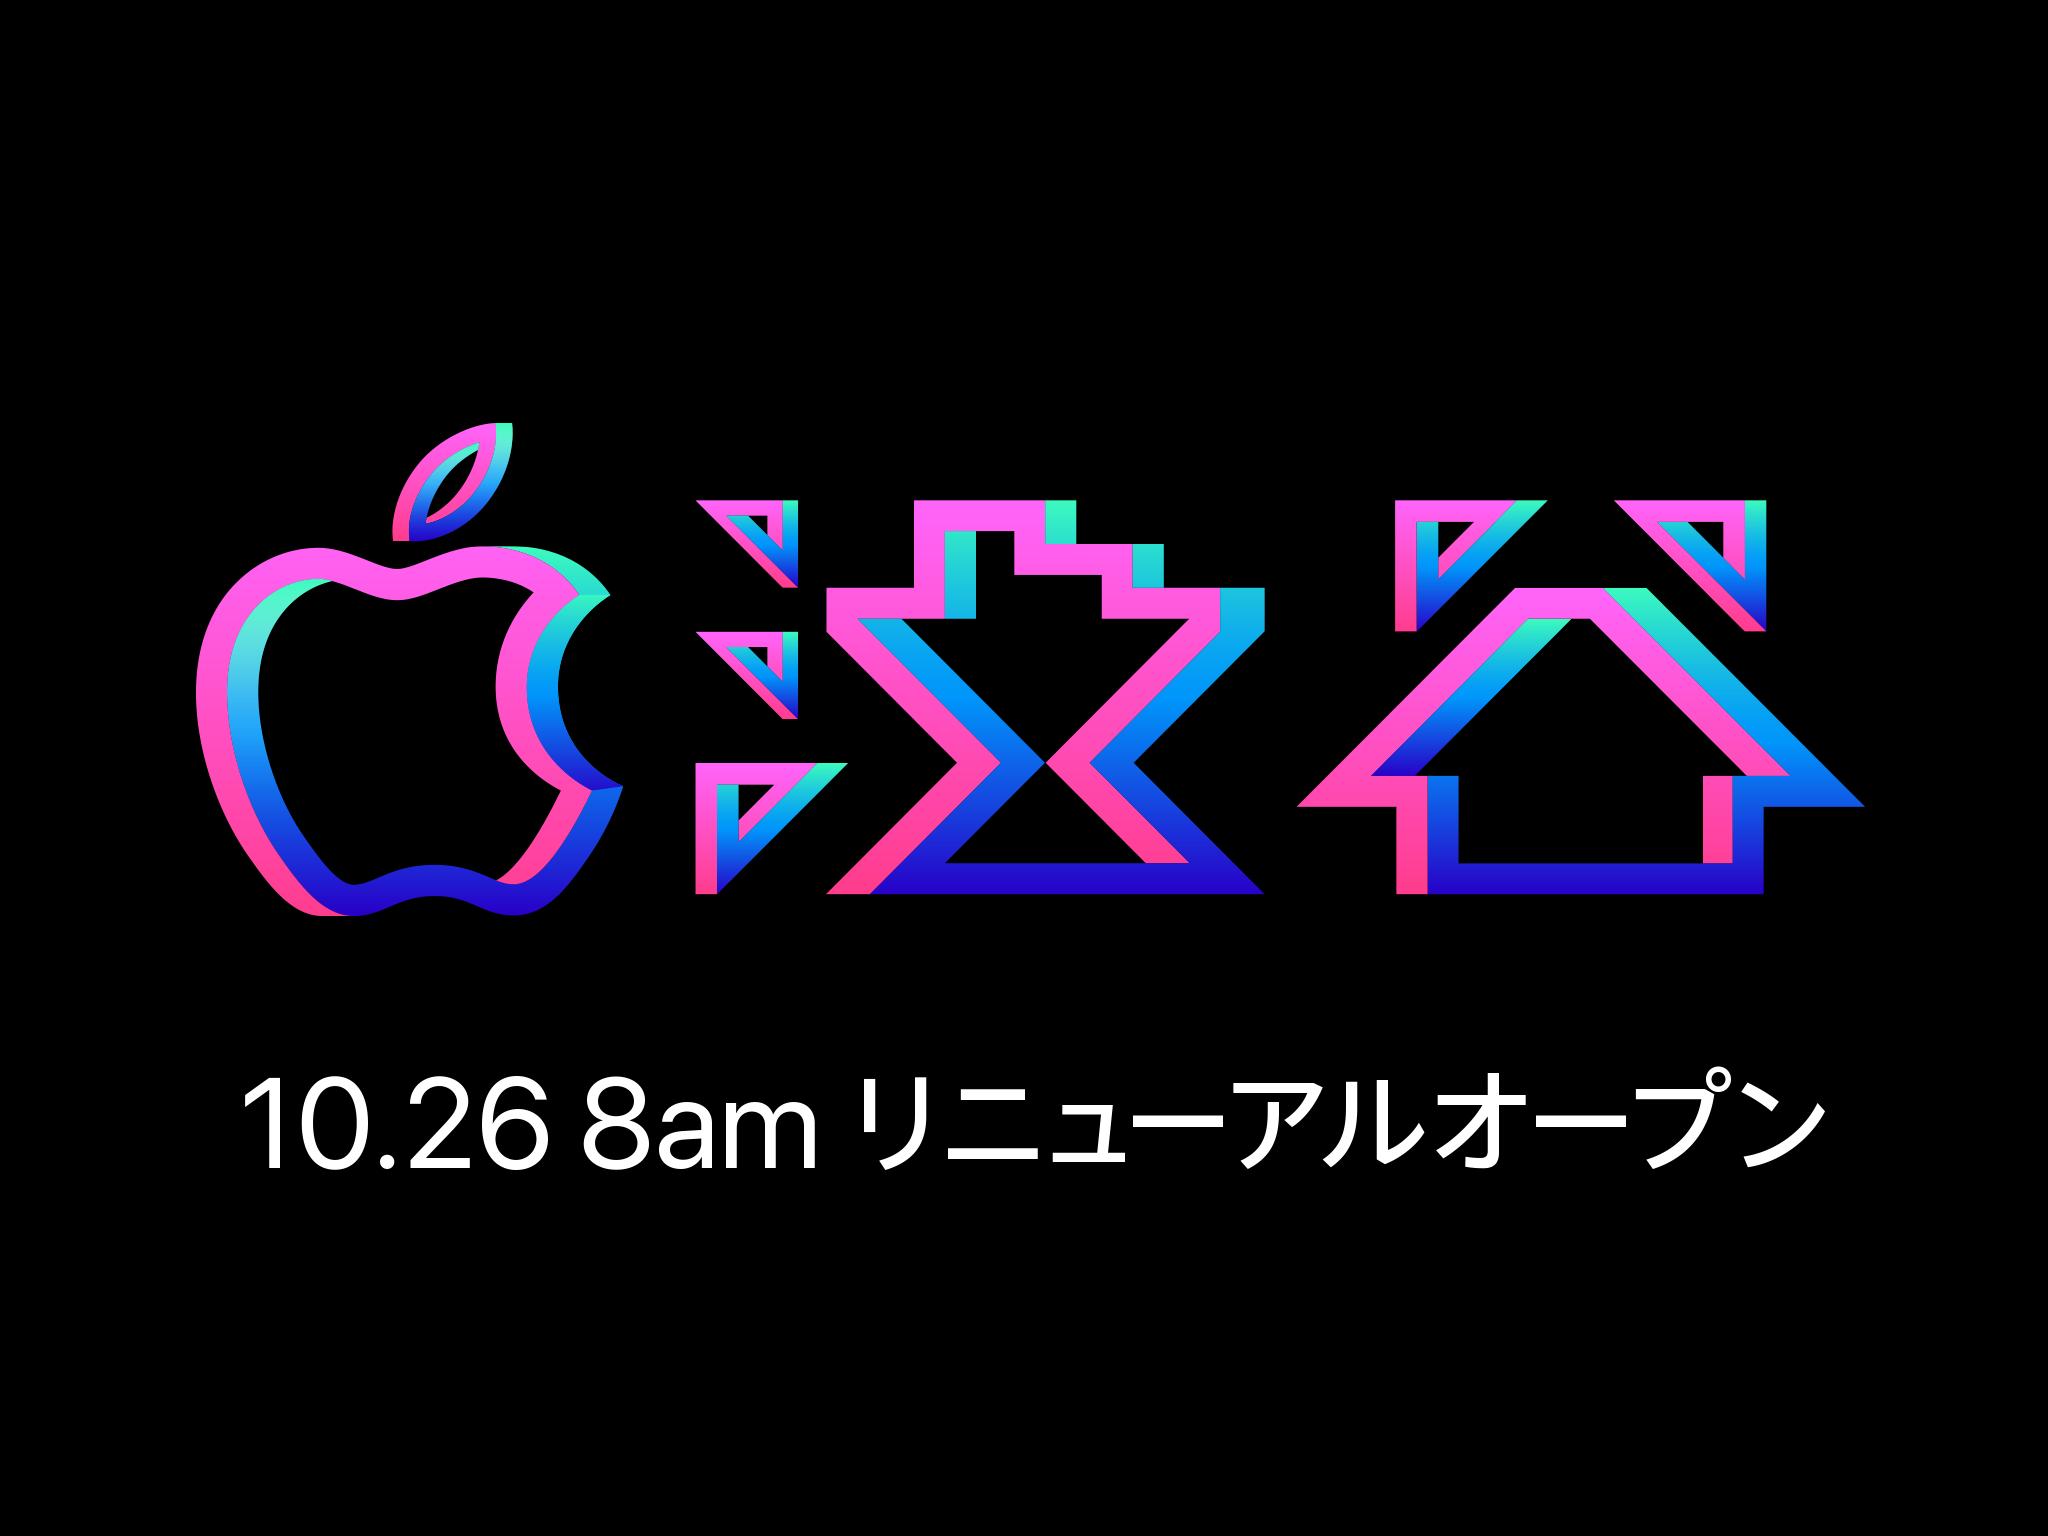 Apple渋谷、10月26日午前8時にリニューアルオープン